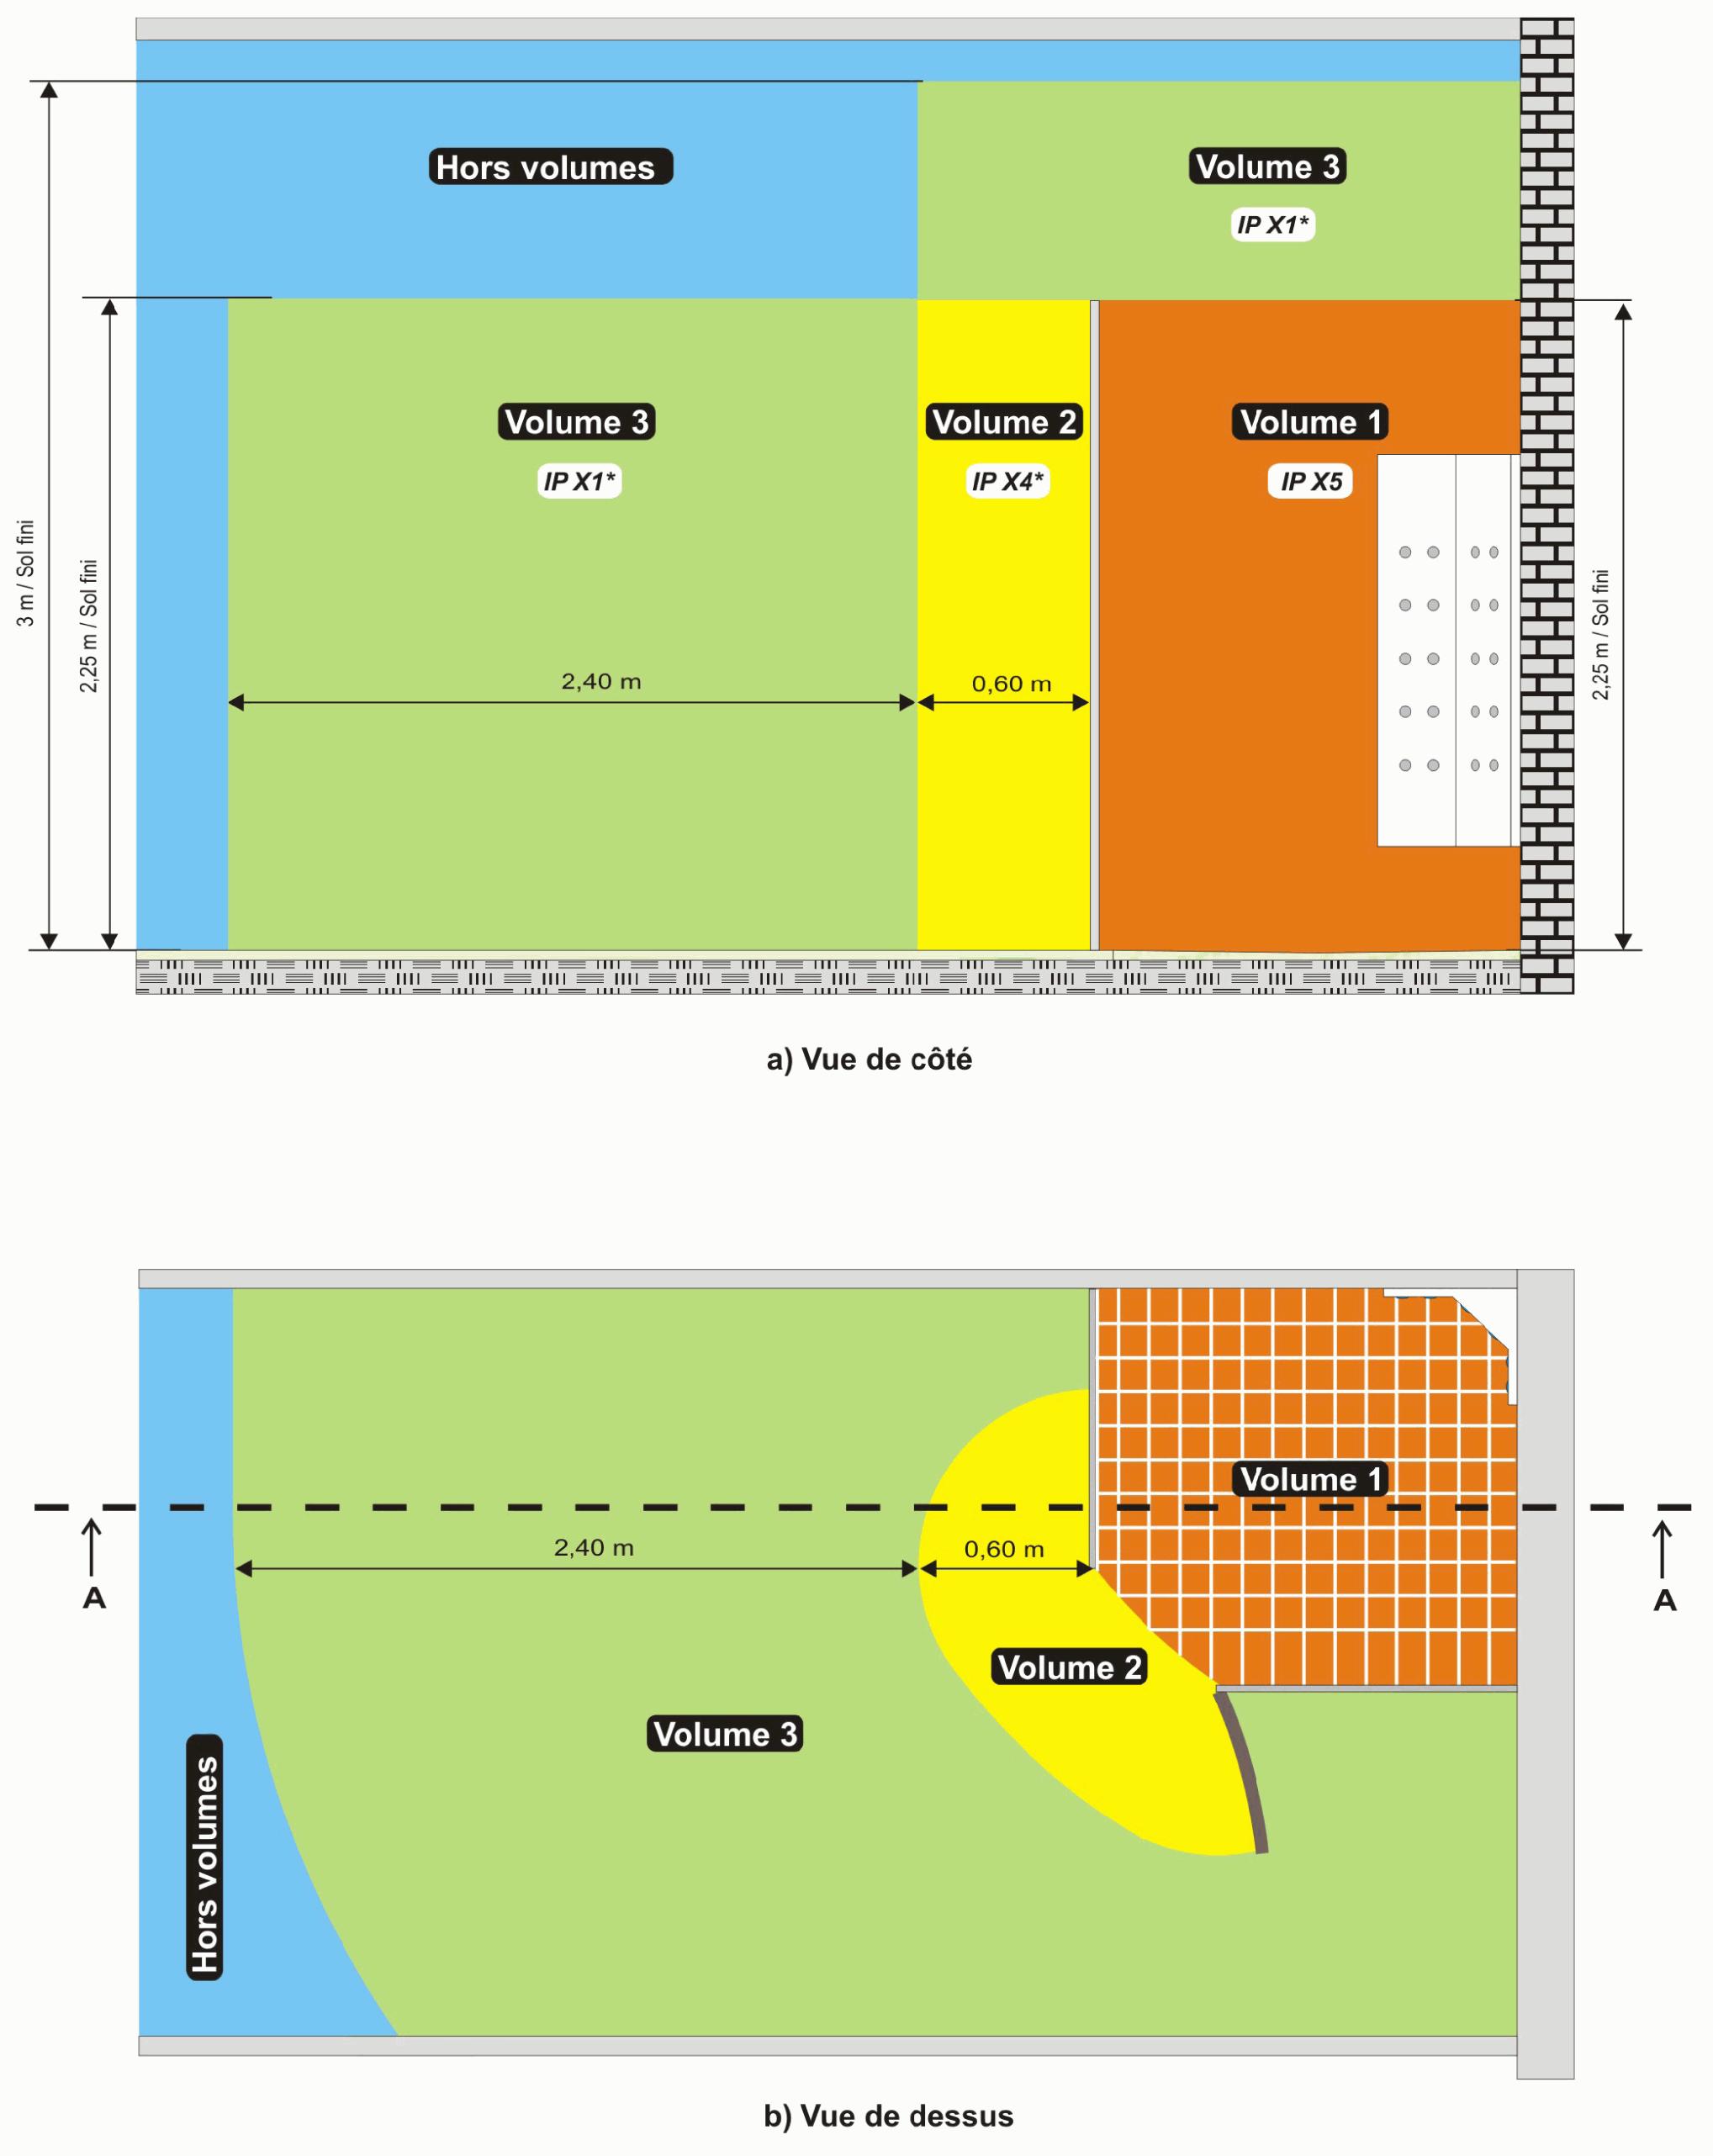 Norme Salle De Bain | Bright Shadow Online intérieur Norme Électrique Salle De Bain